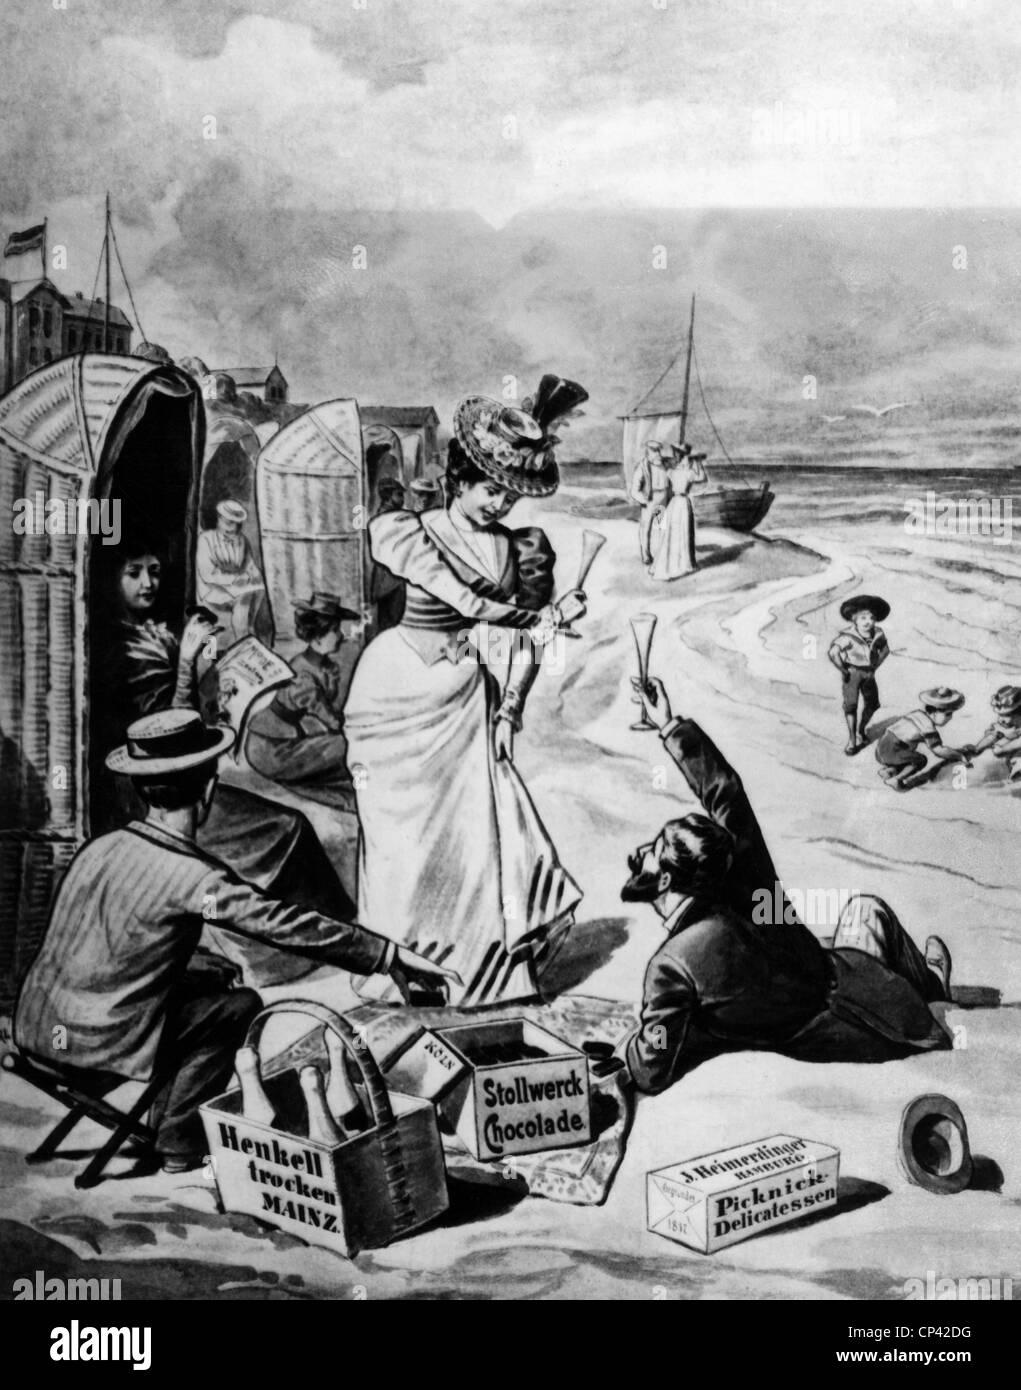 Station balnéaire, baignade, sur la plage, la gravure sur bois par R. Sperl, Allemagne, 1899, Additional-Rights Photo Stock